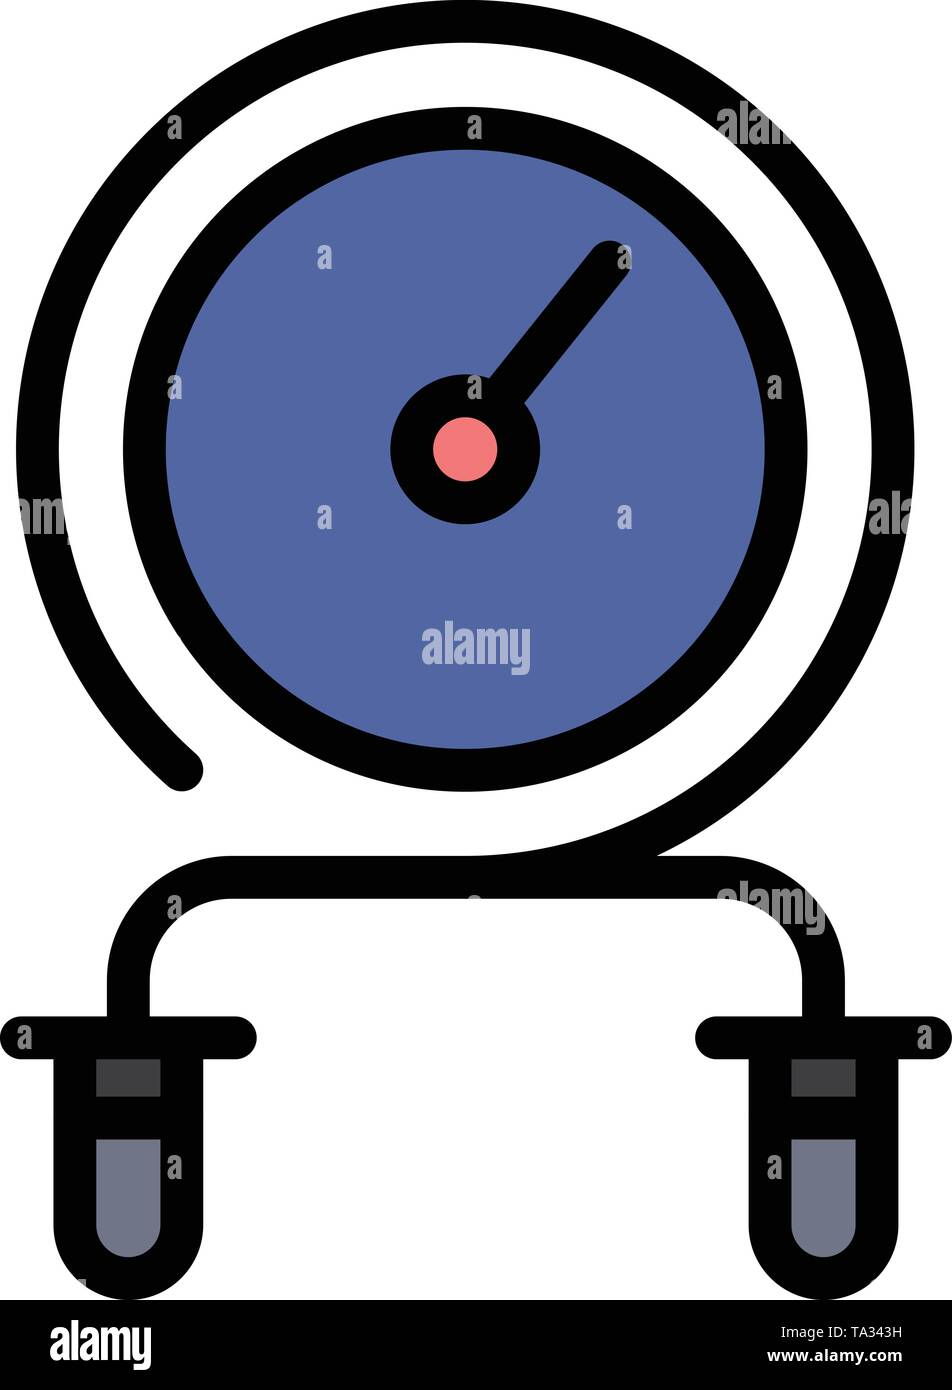 Schnelle, Fitness, Hit, Intensität, Training flach Farbe Symbol. Vektor icon banner Vorlage Stockbild